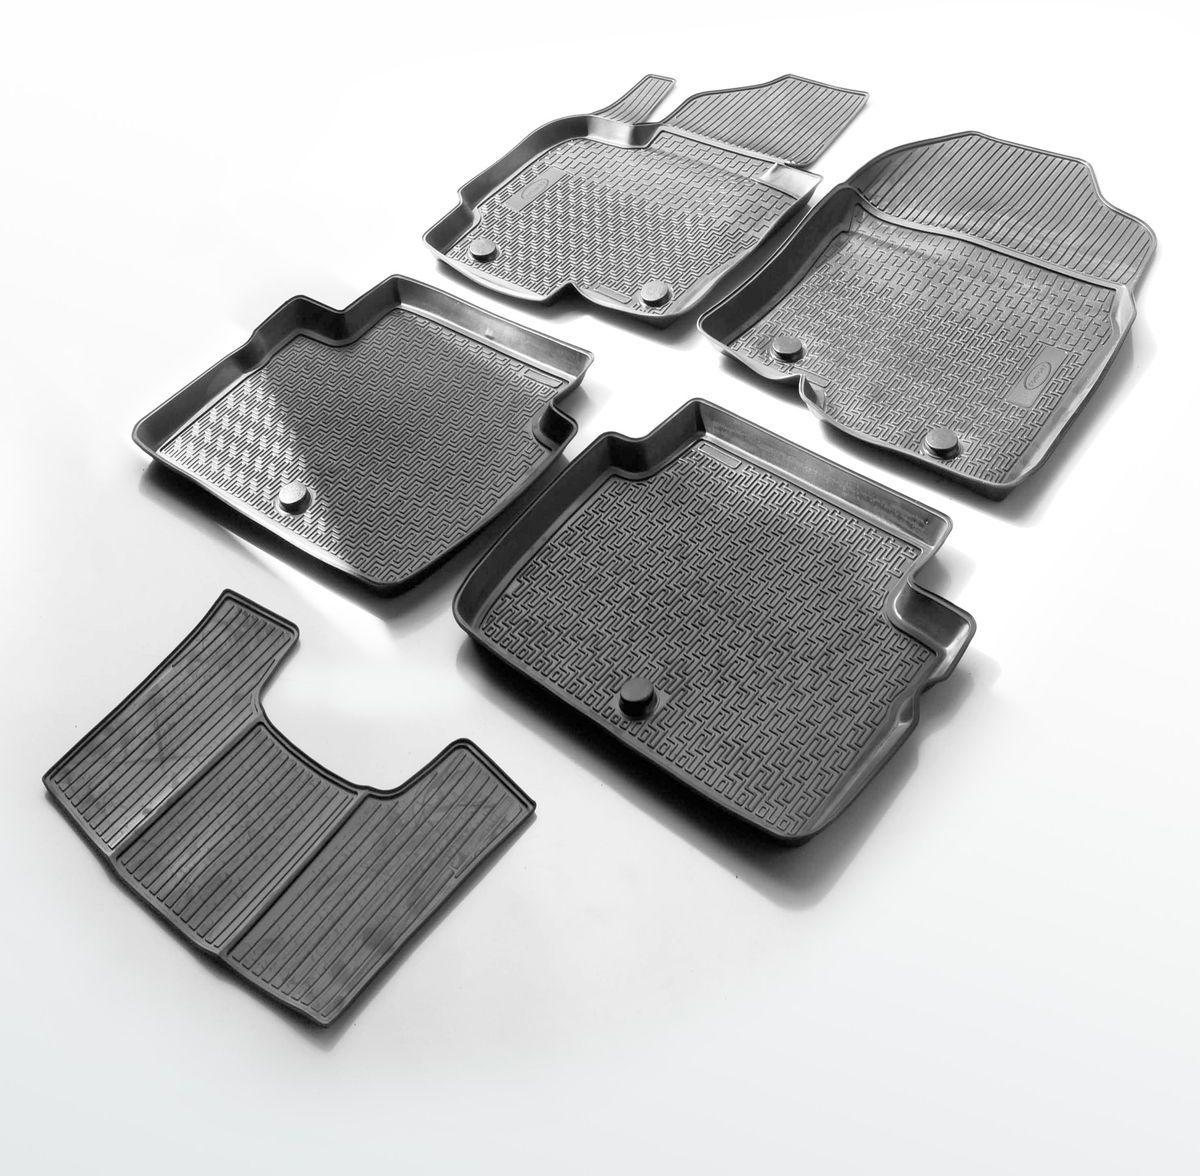 Ковры салона Rival для Hyundai Creta 2016-, 4 шт + перемычка0012310001Автомобильные ковры салона Rival Прочные и долговечные ковры в салон автомобиля, изготовлены из высококачественного и экологичного сырья, полностью повторяют геометрию салона вашего автомобиля. - Надежная система крепления, позволяющая закрепить коврик на штатные элементы фиксации, в результате чего отсутствует эффект скольжения по салону автомобиля. - Высокая стойкость поверхности к стиранию. - Специализированный рисунок и высокий борт, препятствующие распространению грязи и жидкости по поверхности ковра. - Перемычка задних ковров в комплекте предотвращает загрязнение тоннеля карданного вала. - Произведены из первичных материалов, в результате чего отсутствует неприятный запах в салоне автомобиля. - Высокая эластичность, можно беспрепятственно эксплуатировать при температуре от -45 ?C до +45 ?C.